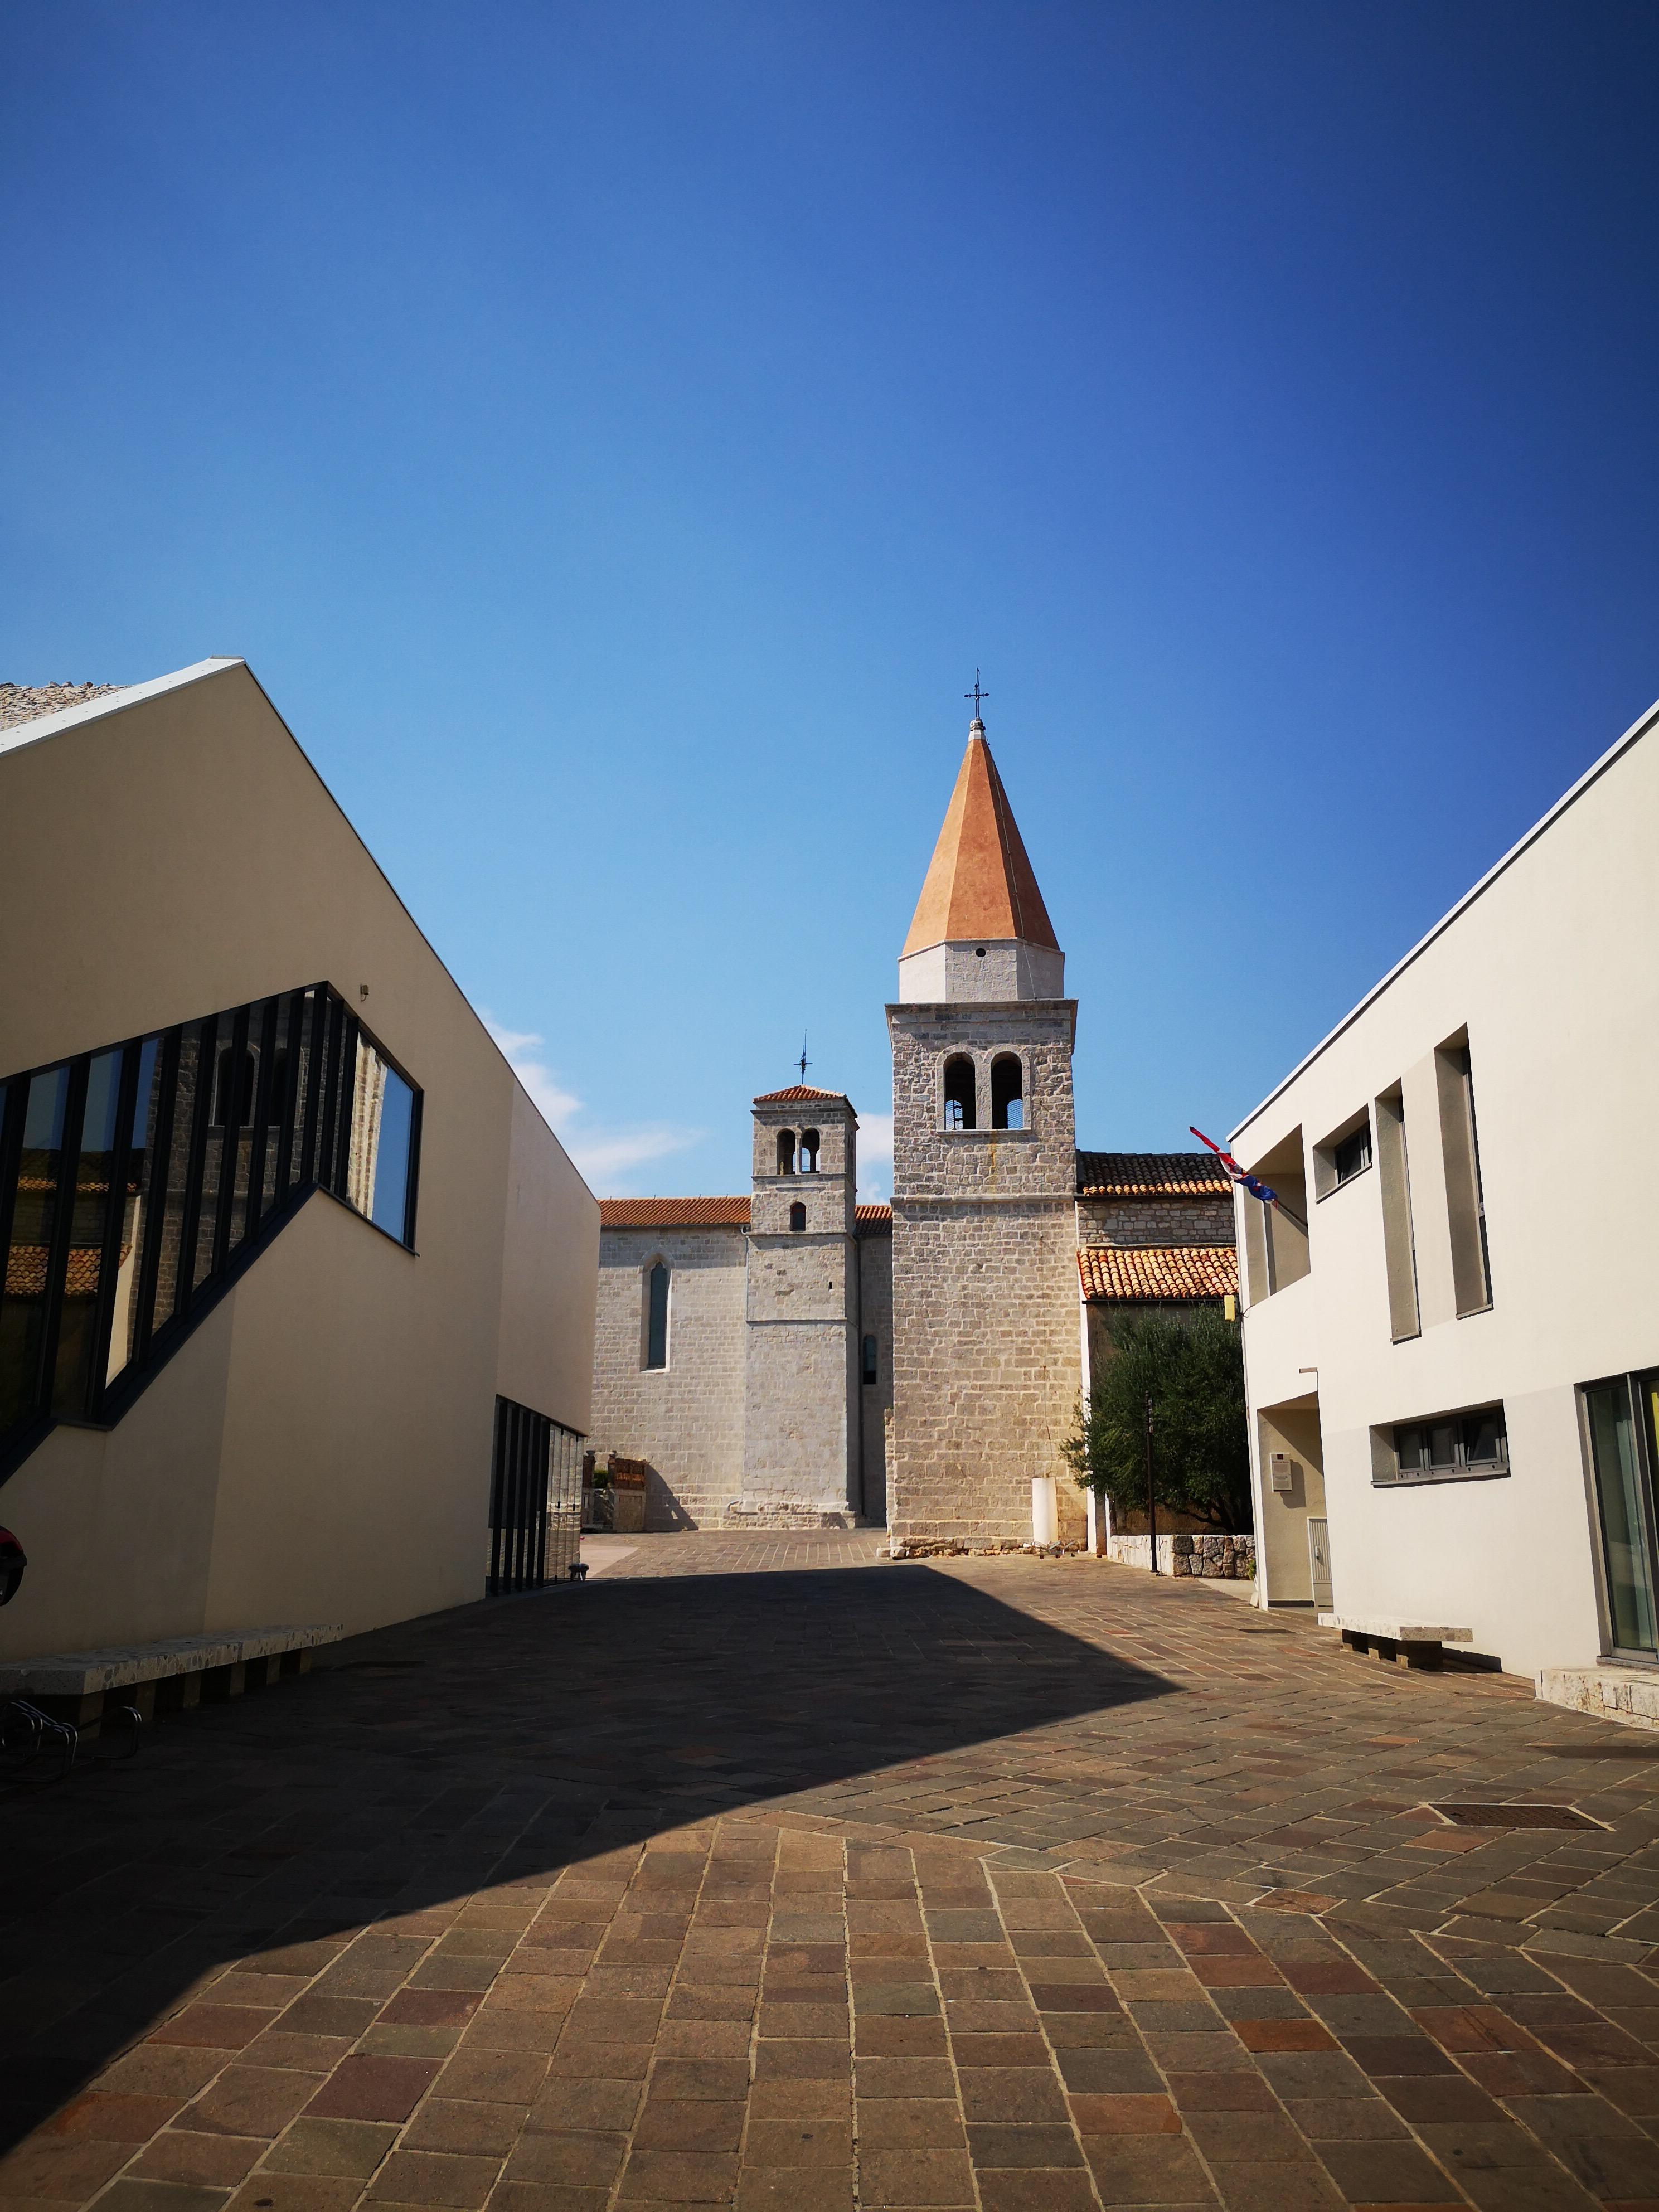 stare miasto Krk